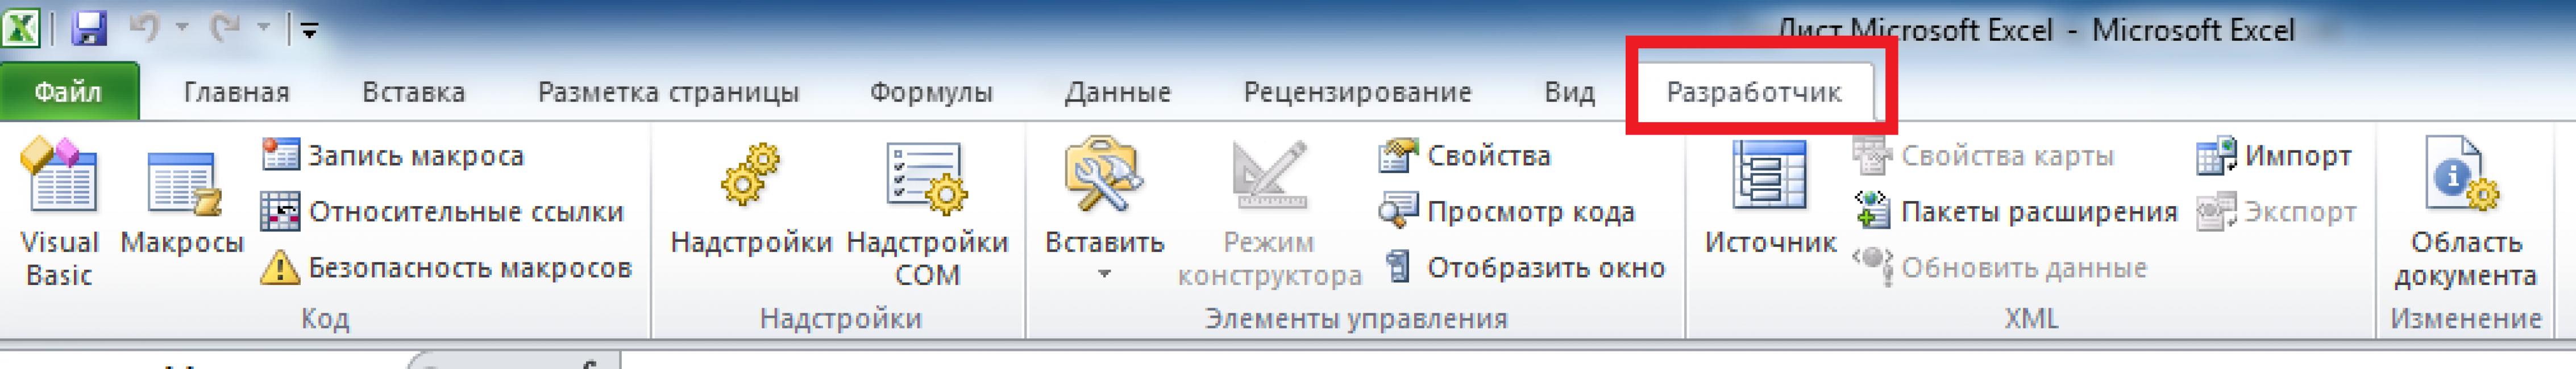 Панель инструментов. Вкладка «Разработчик».